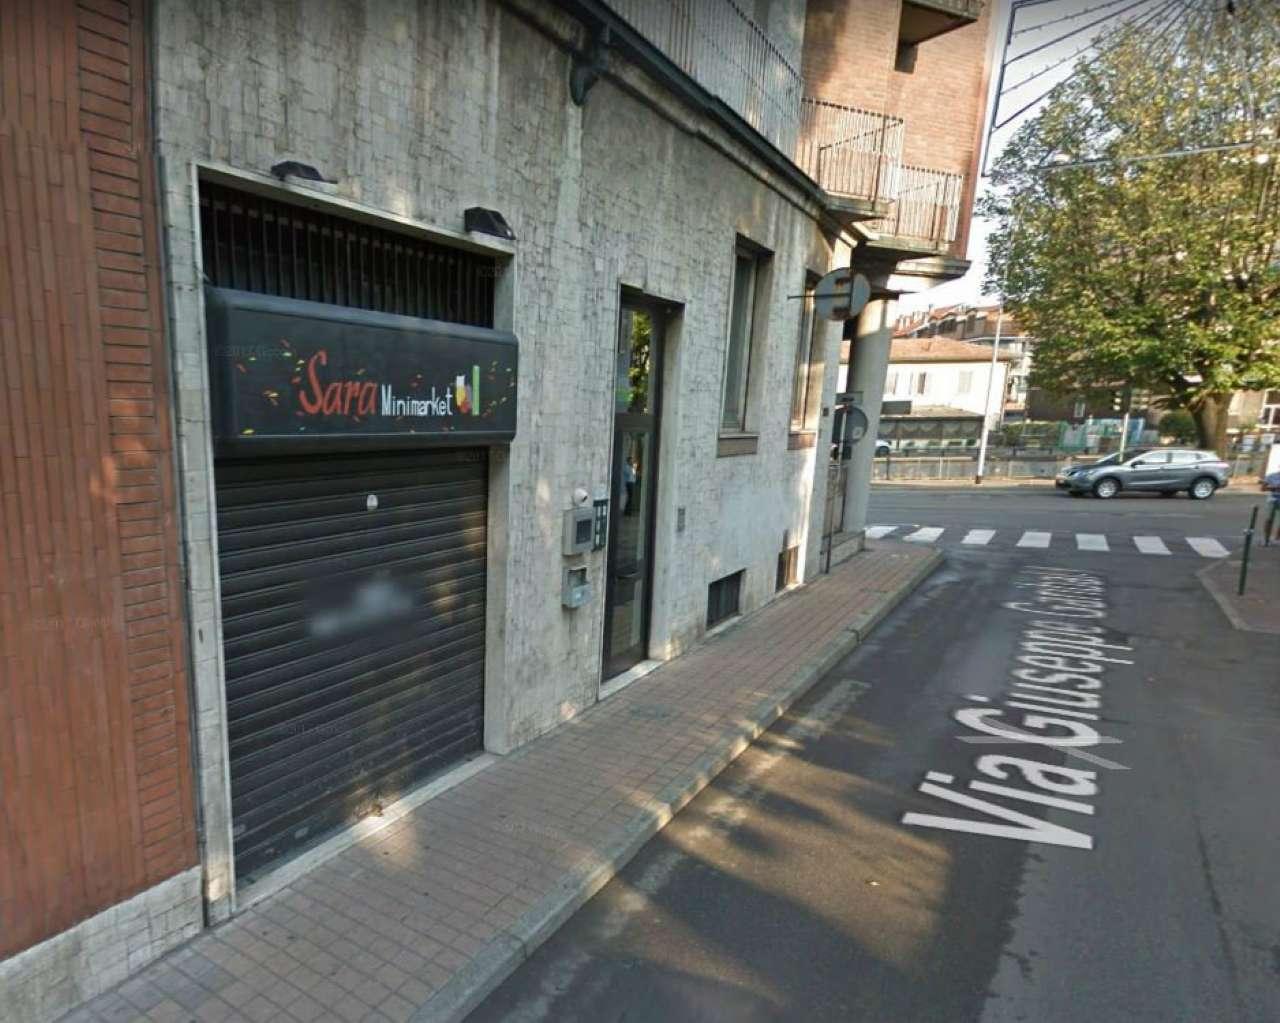 Negozio / Locale in vendita a Corsico, 2 locali, prezzo € 80.000 | CambioCasa.it